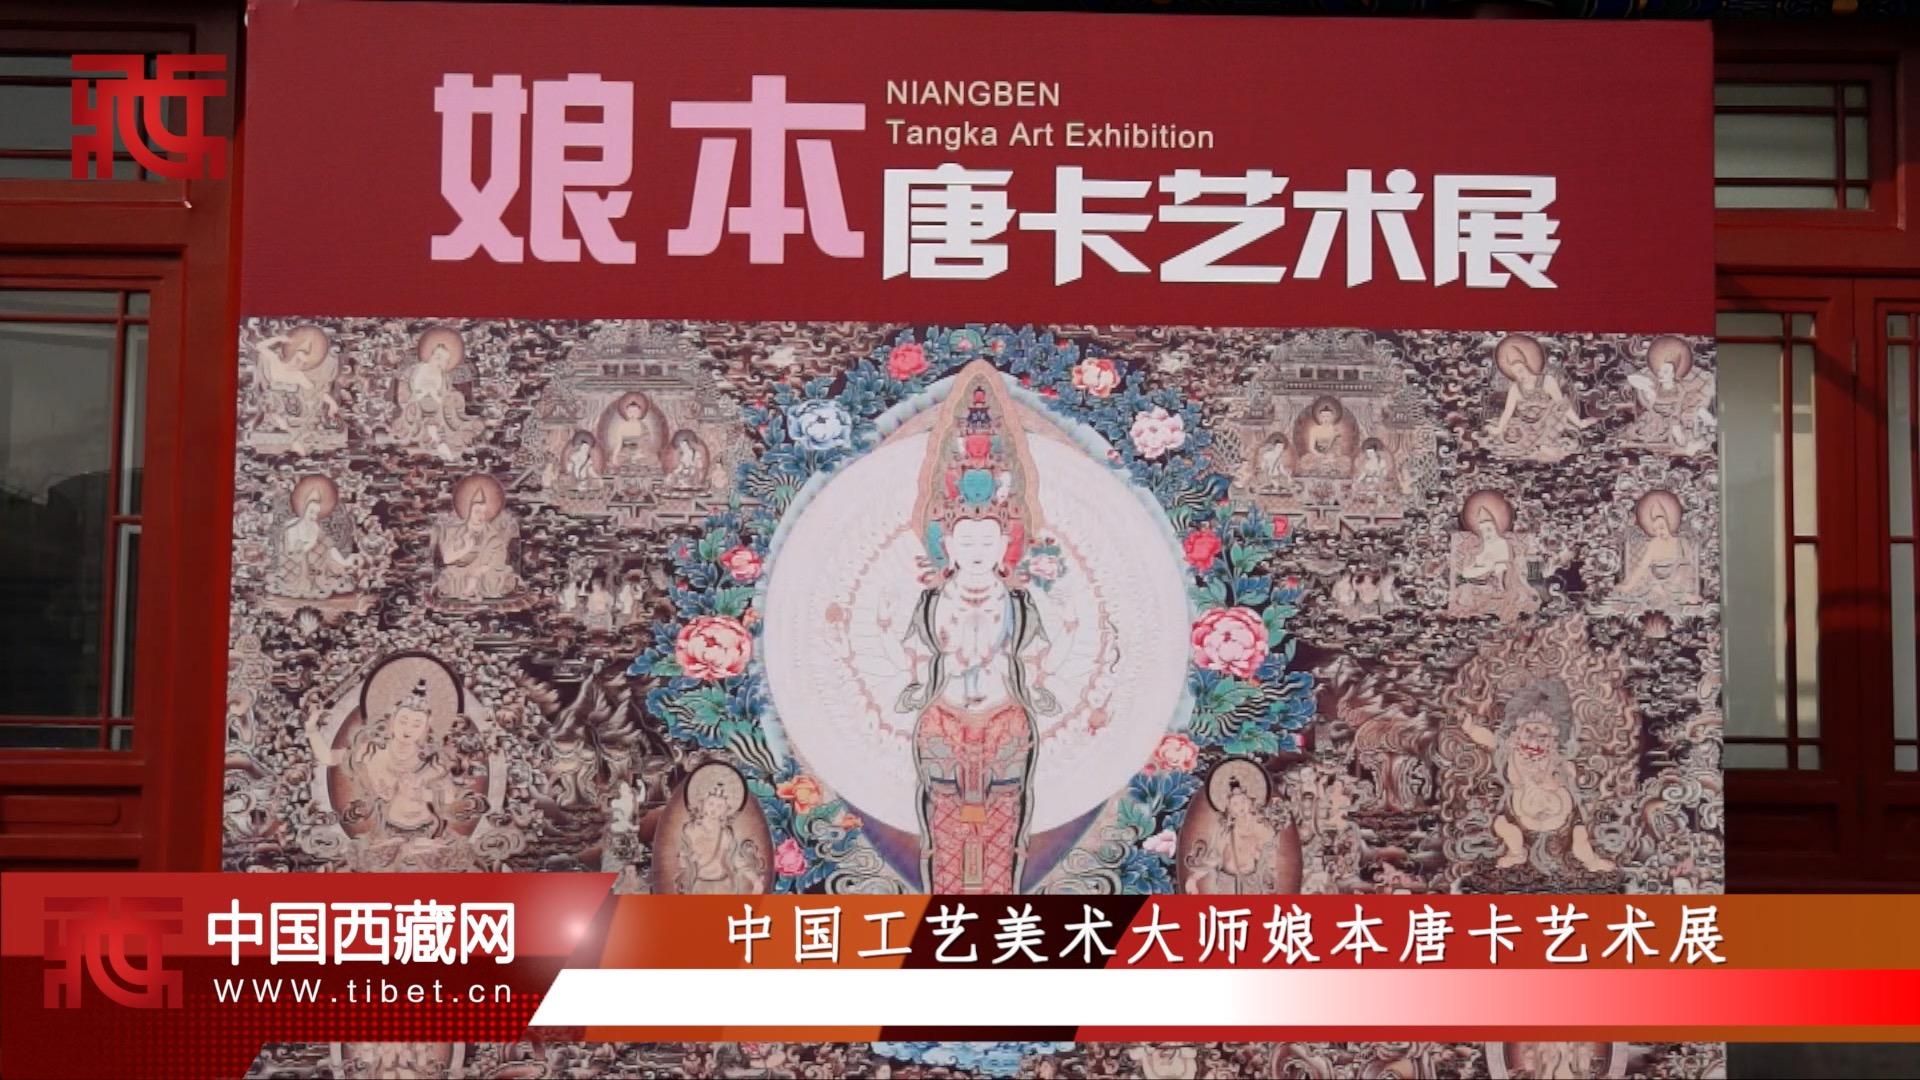 中国工艺美术大师娘本唐卡艺术展